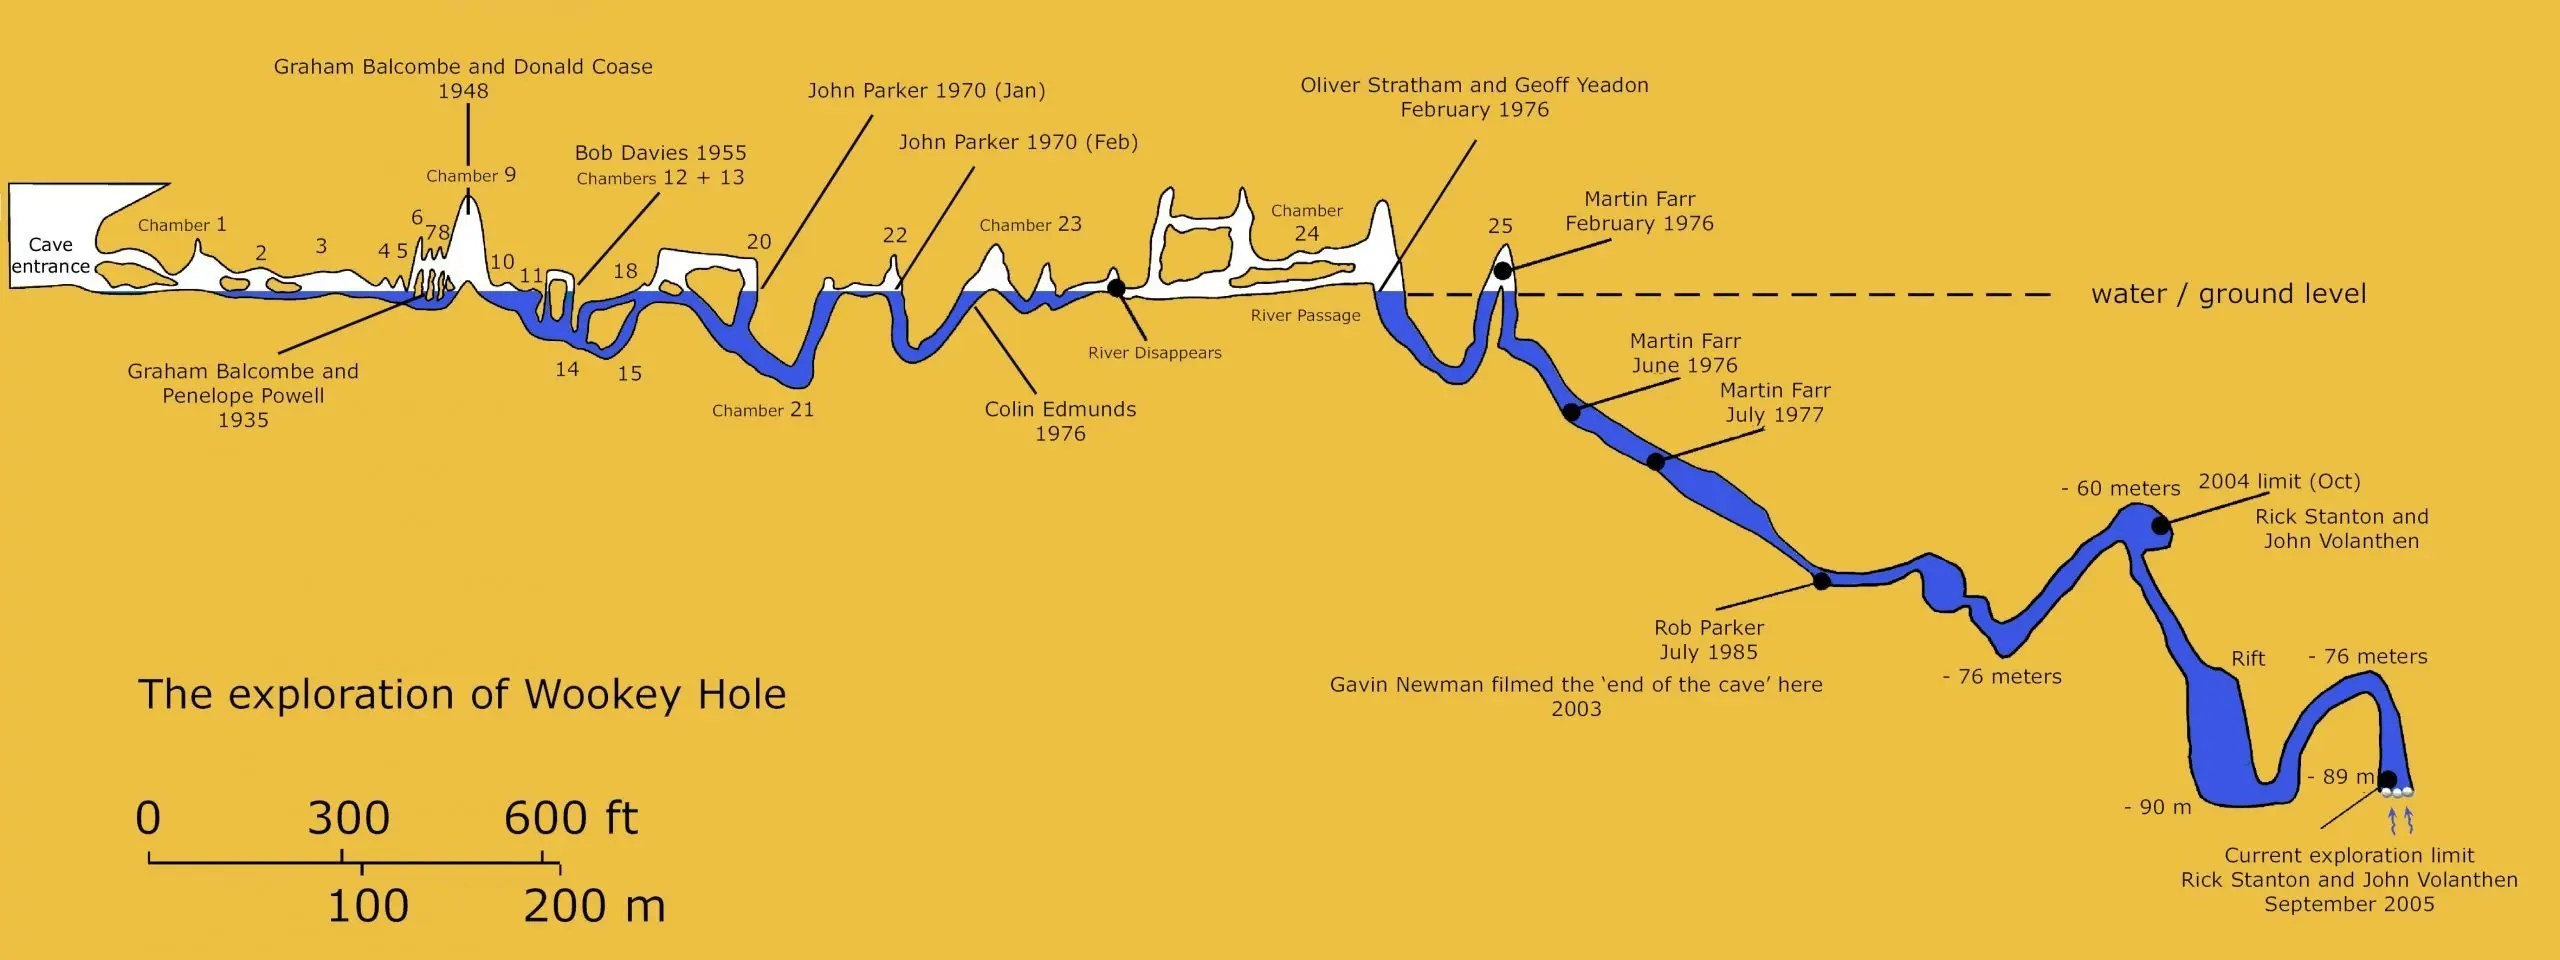 Map of Wookey Hole exploration